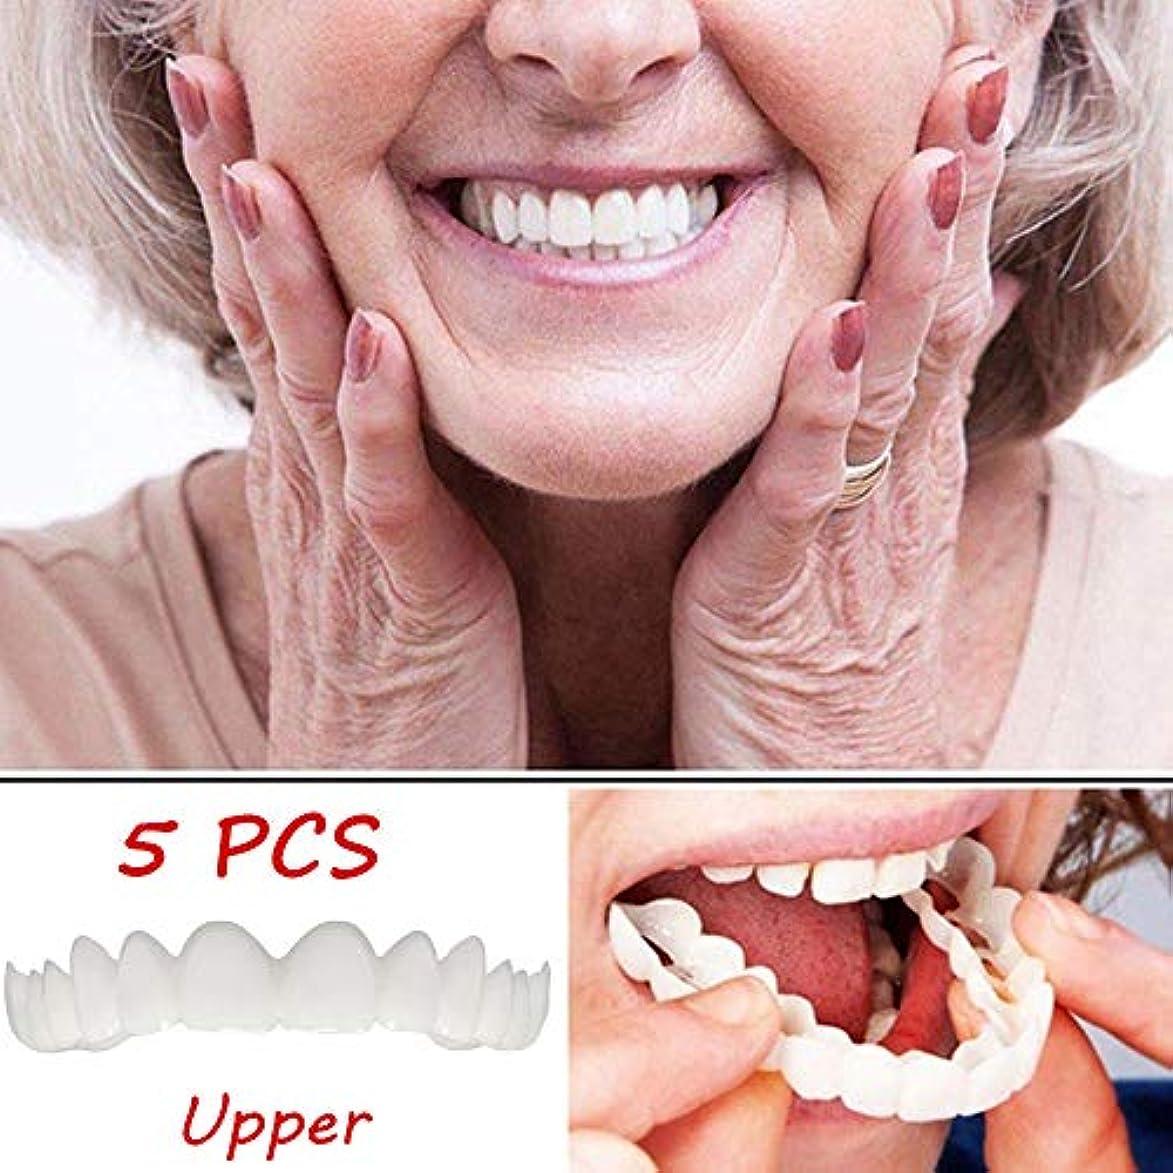 誇りに思う調整可能地球快適なベニヤの歯は一時的に歯の上の歯の1つのサイズを白くする5 PCSを微笑みますほとんどの人々の美の歯のシミュレーションの歯の義歯の心配に合います